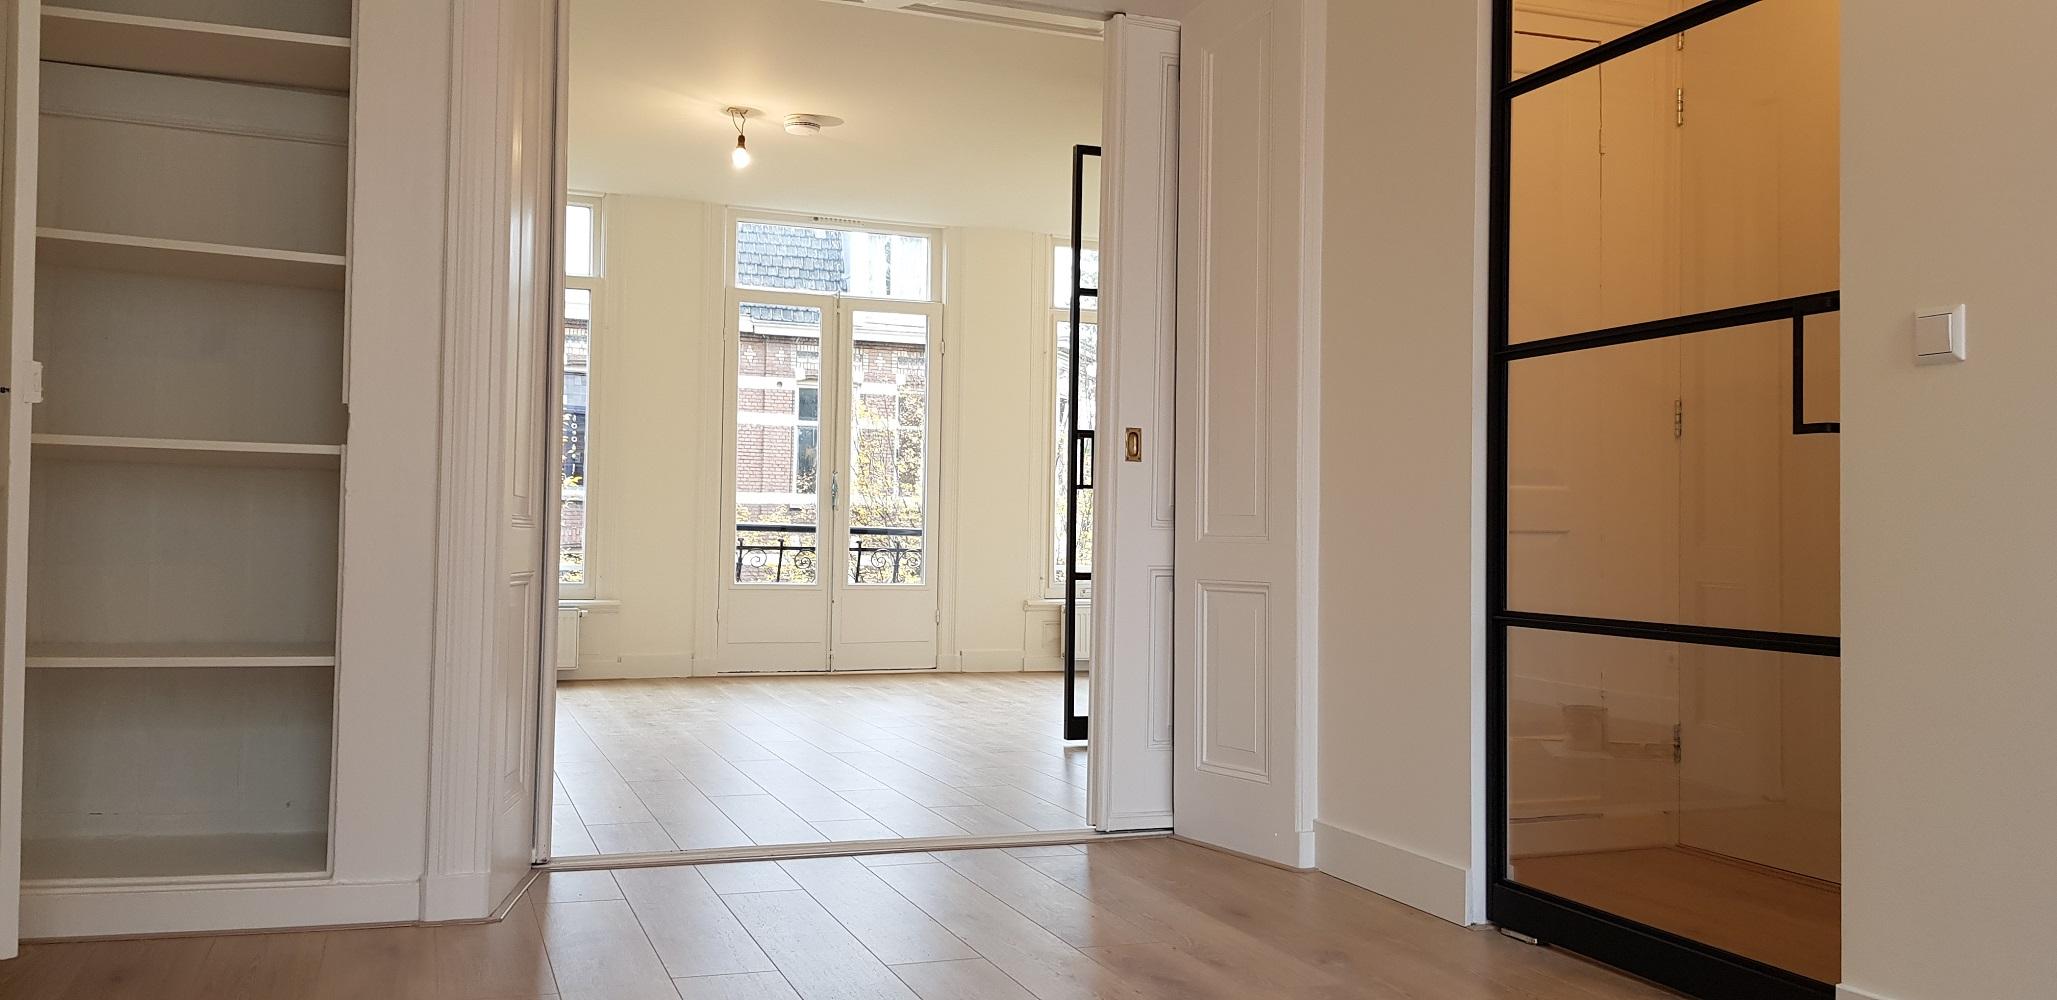 UFA Bouw_Verbouwing_Bosboom Toussaintstraat 31_stalen deur entree hal 2